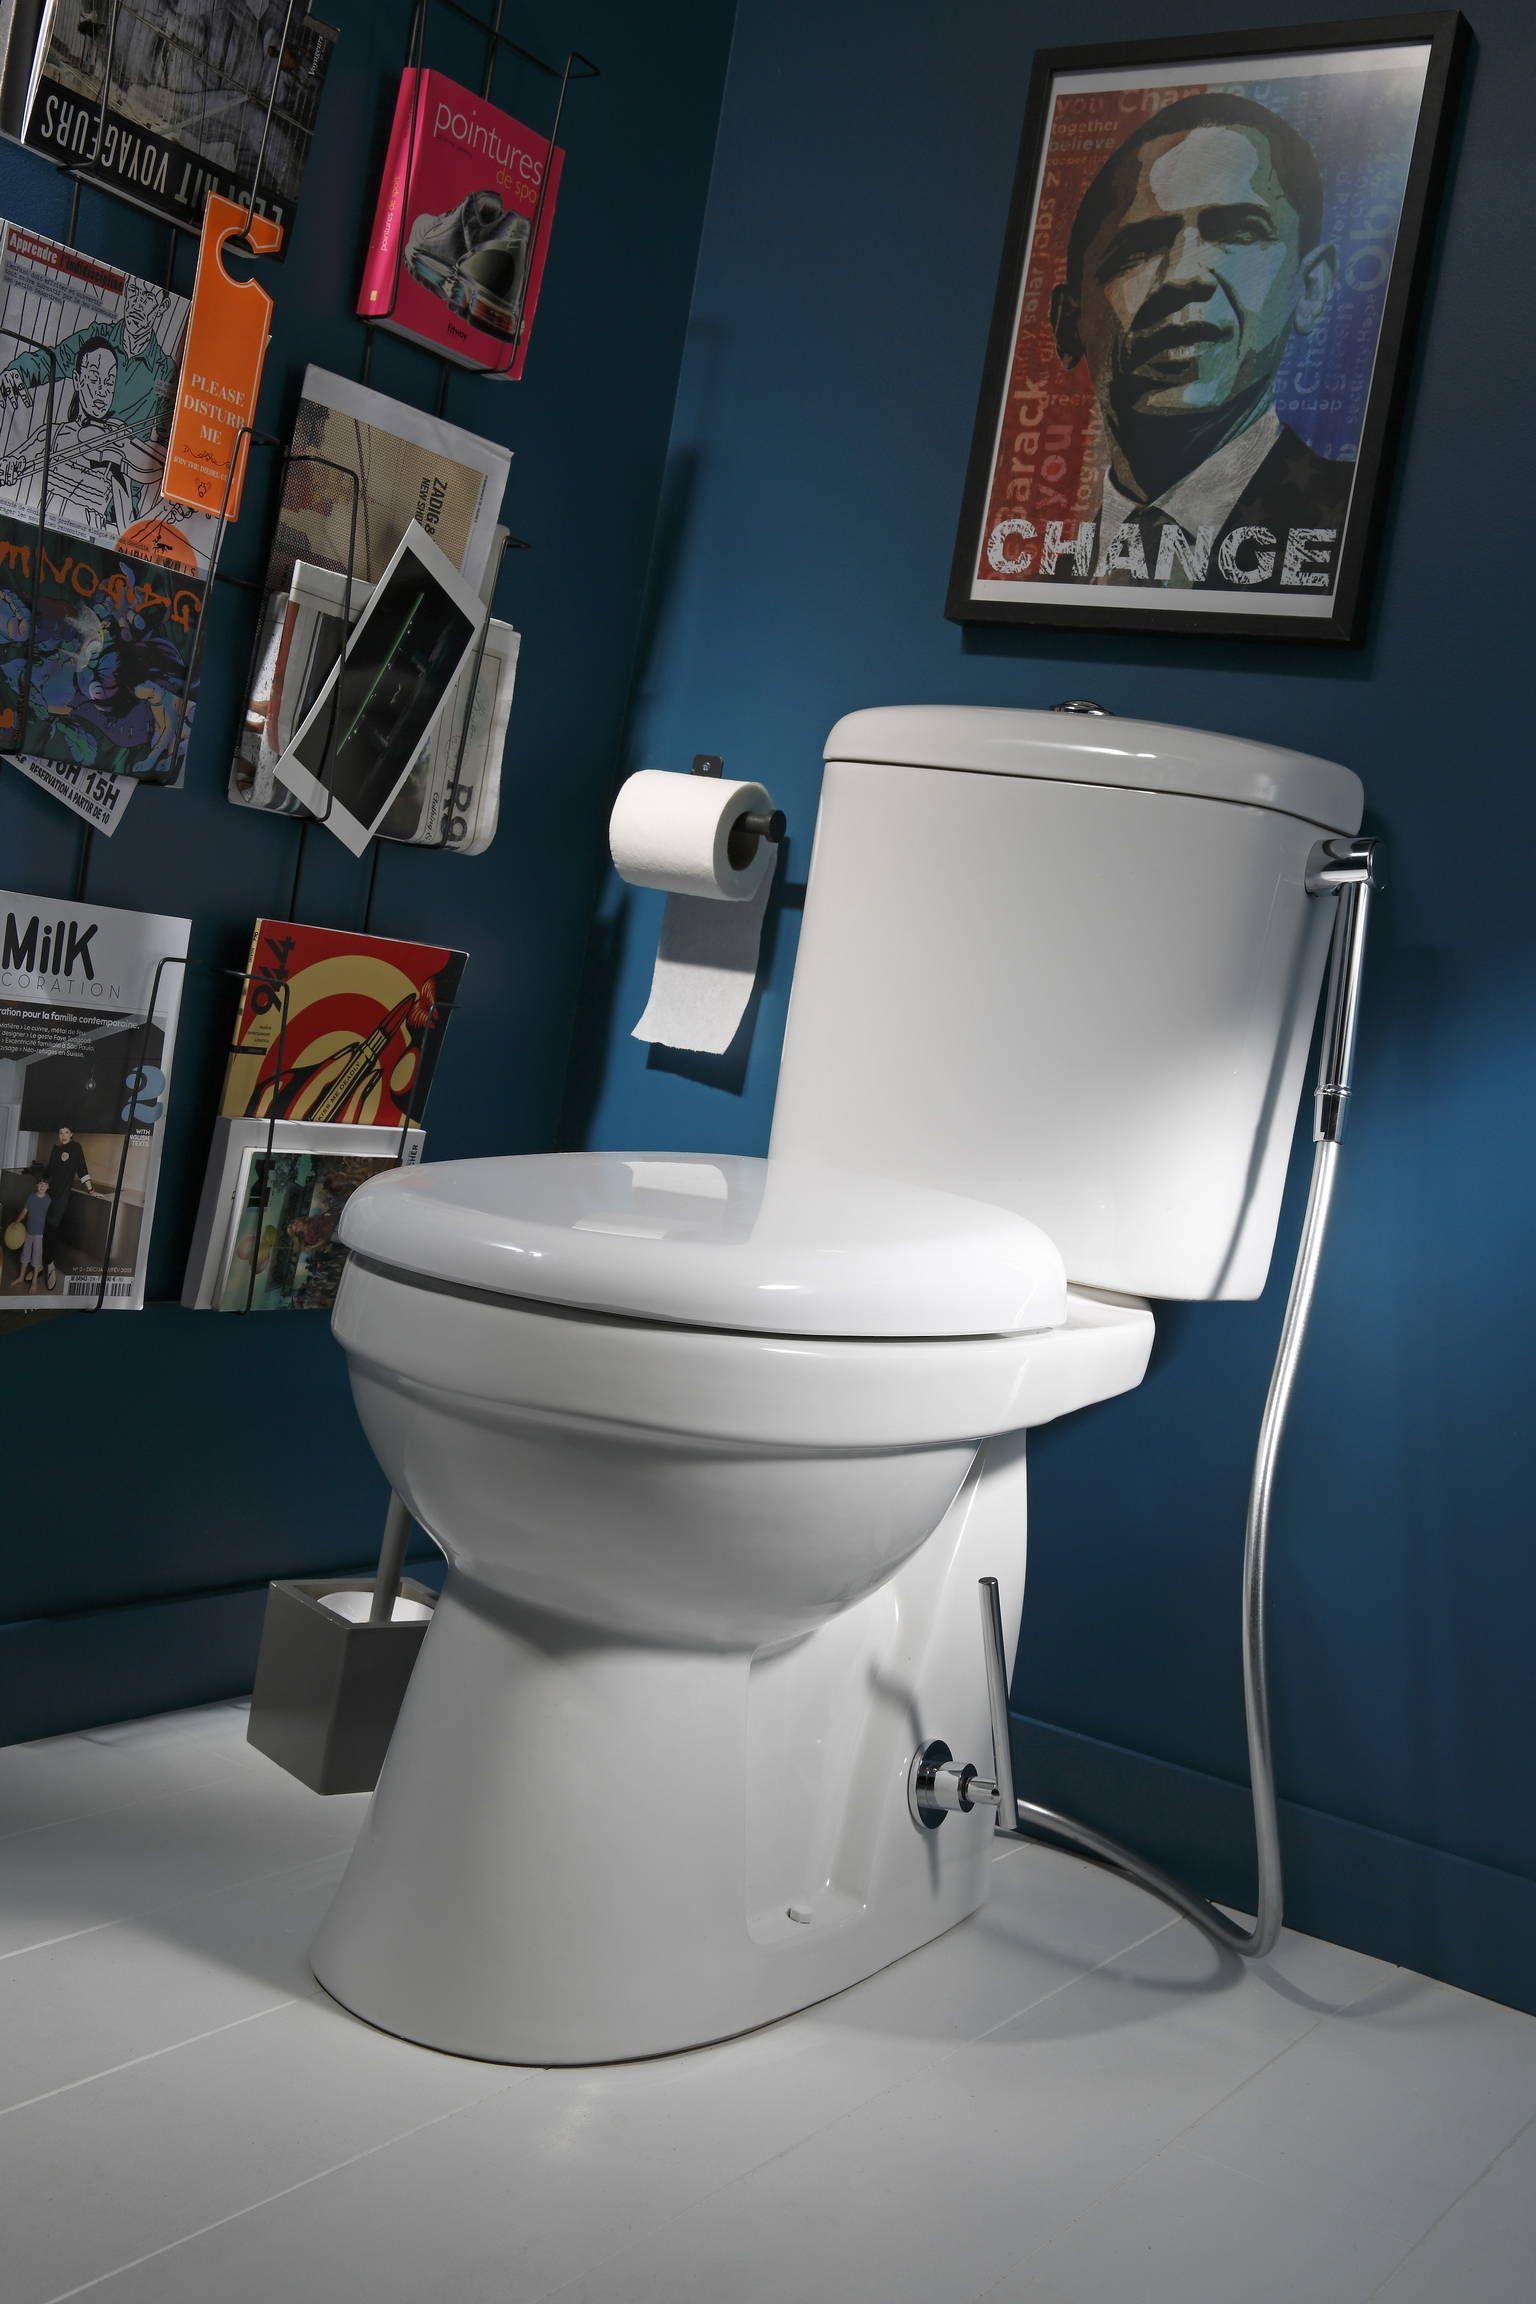 Epingle Par Pier Blanc Sur Wc Peinture Wc Deco Toilettes Deco Toilettes Originales